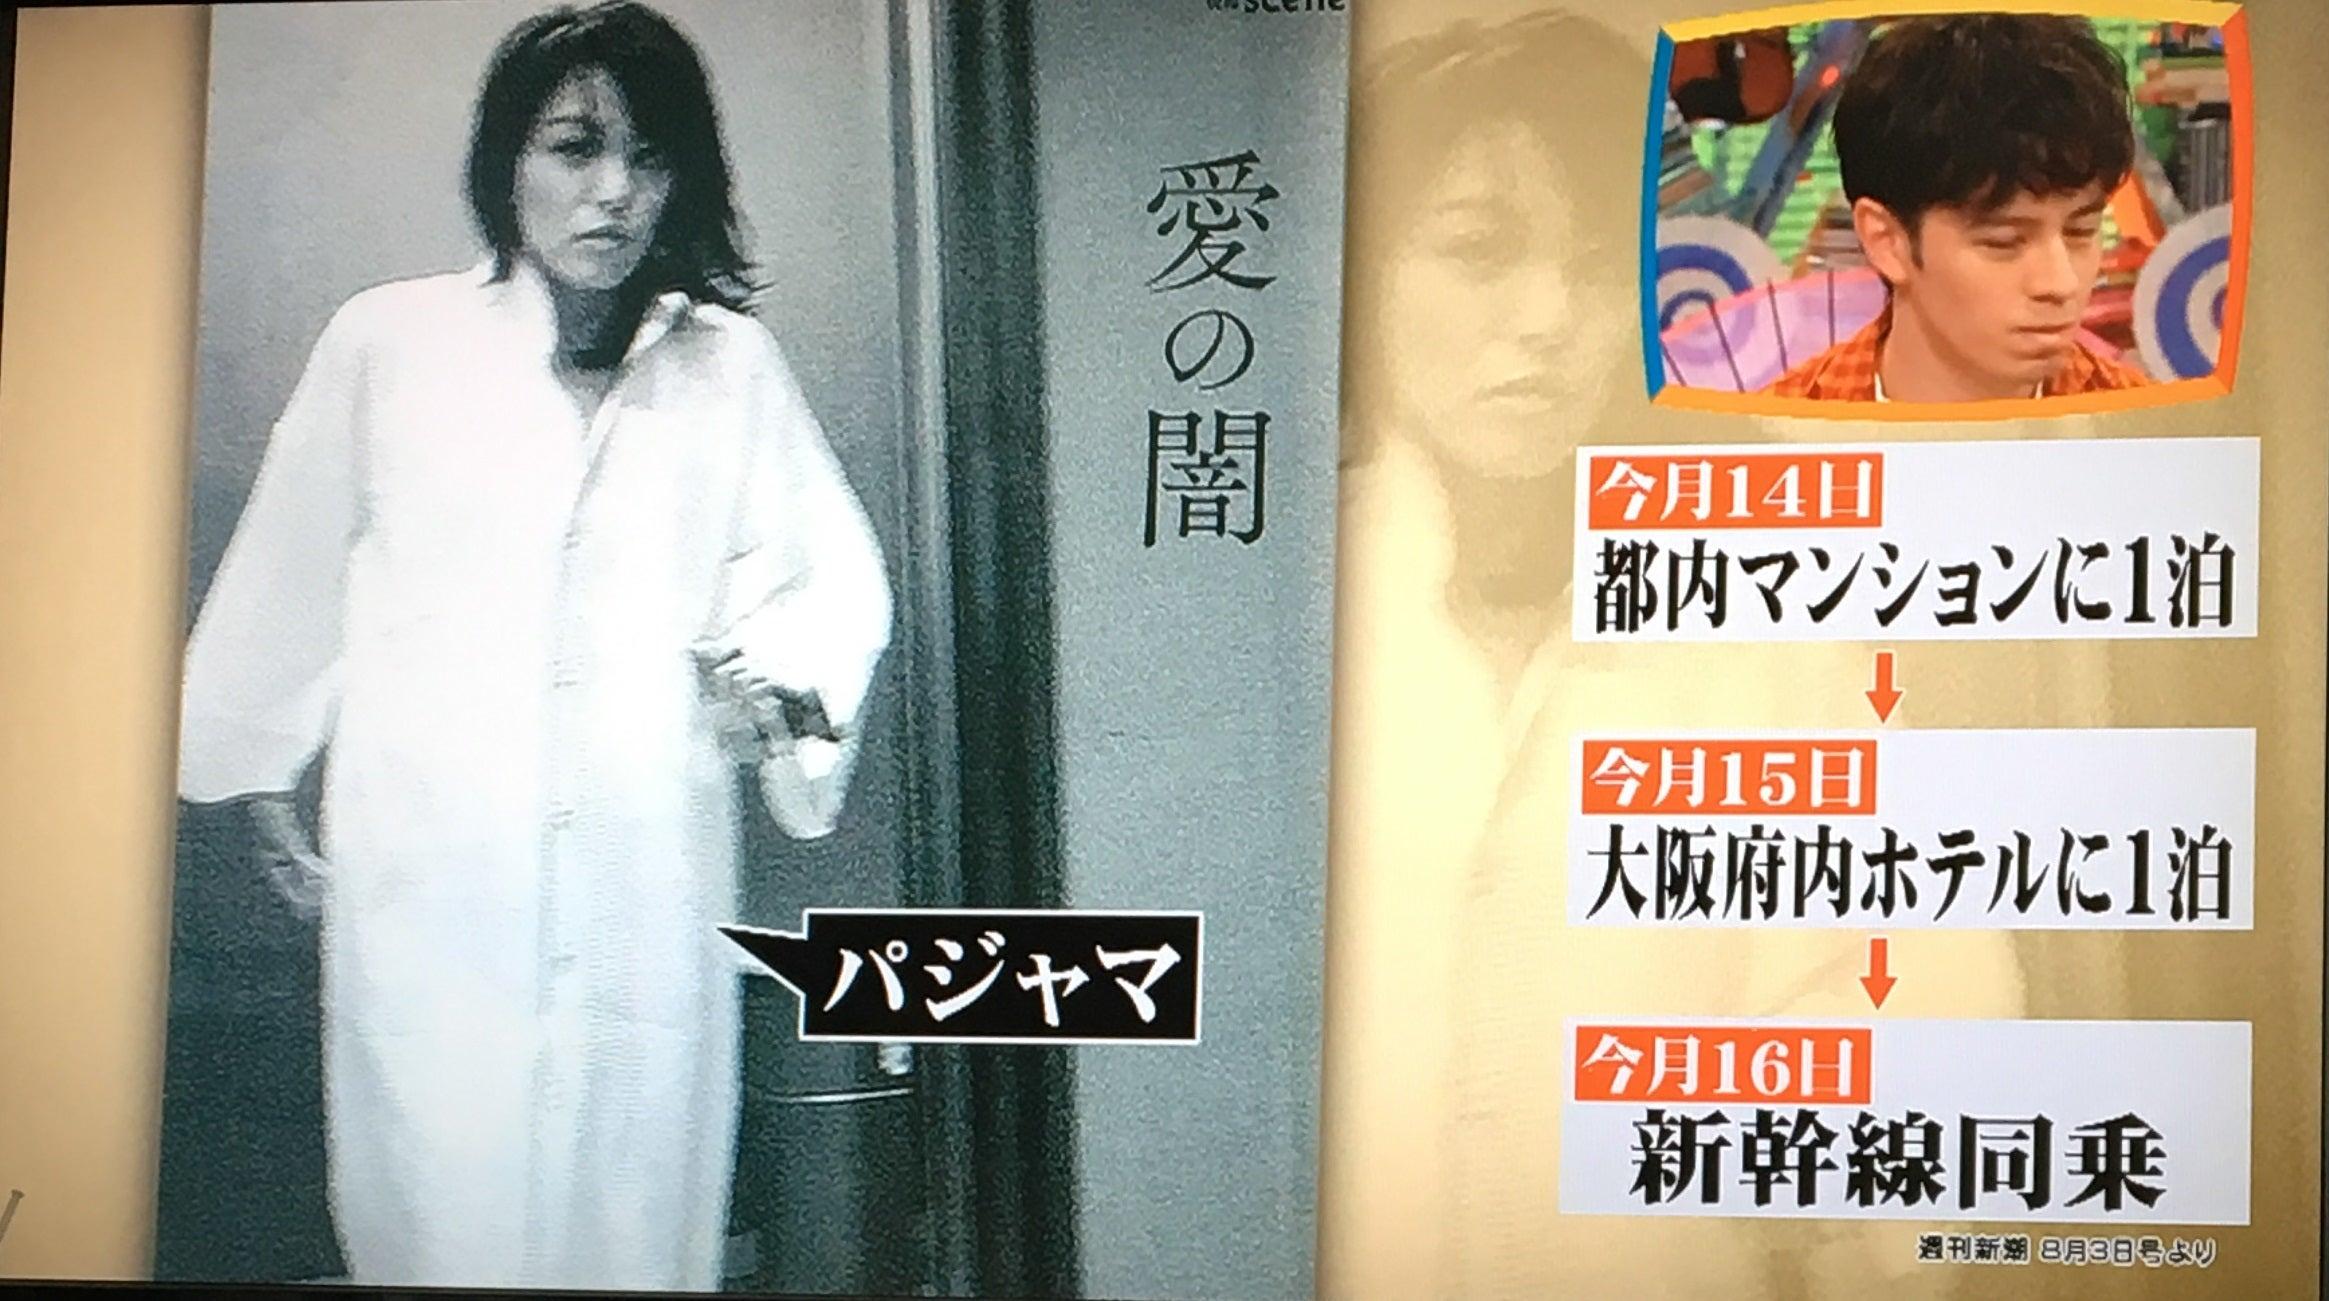 「今井絵理子パジャマ」の画像検索結果